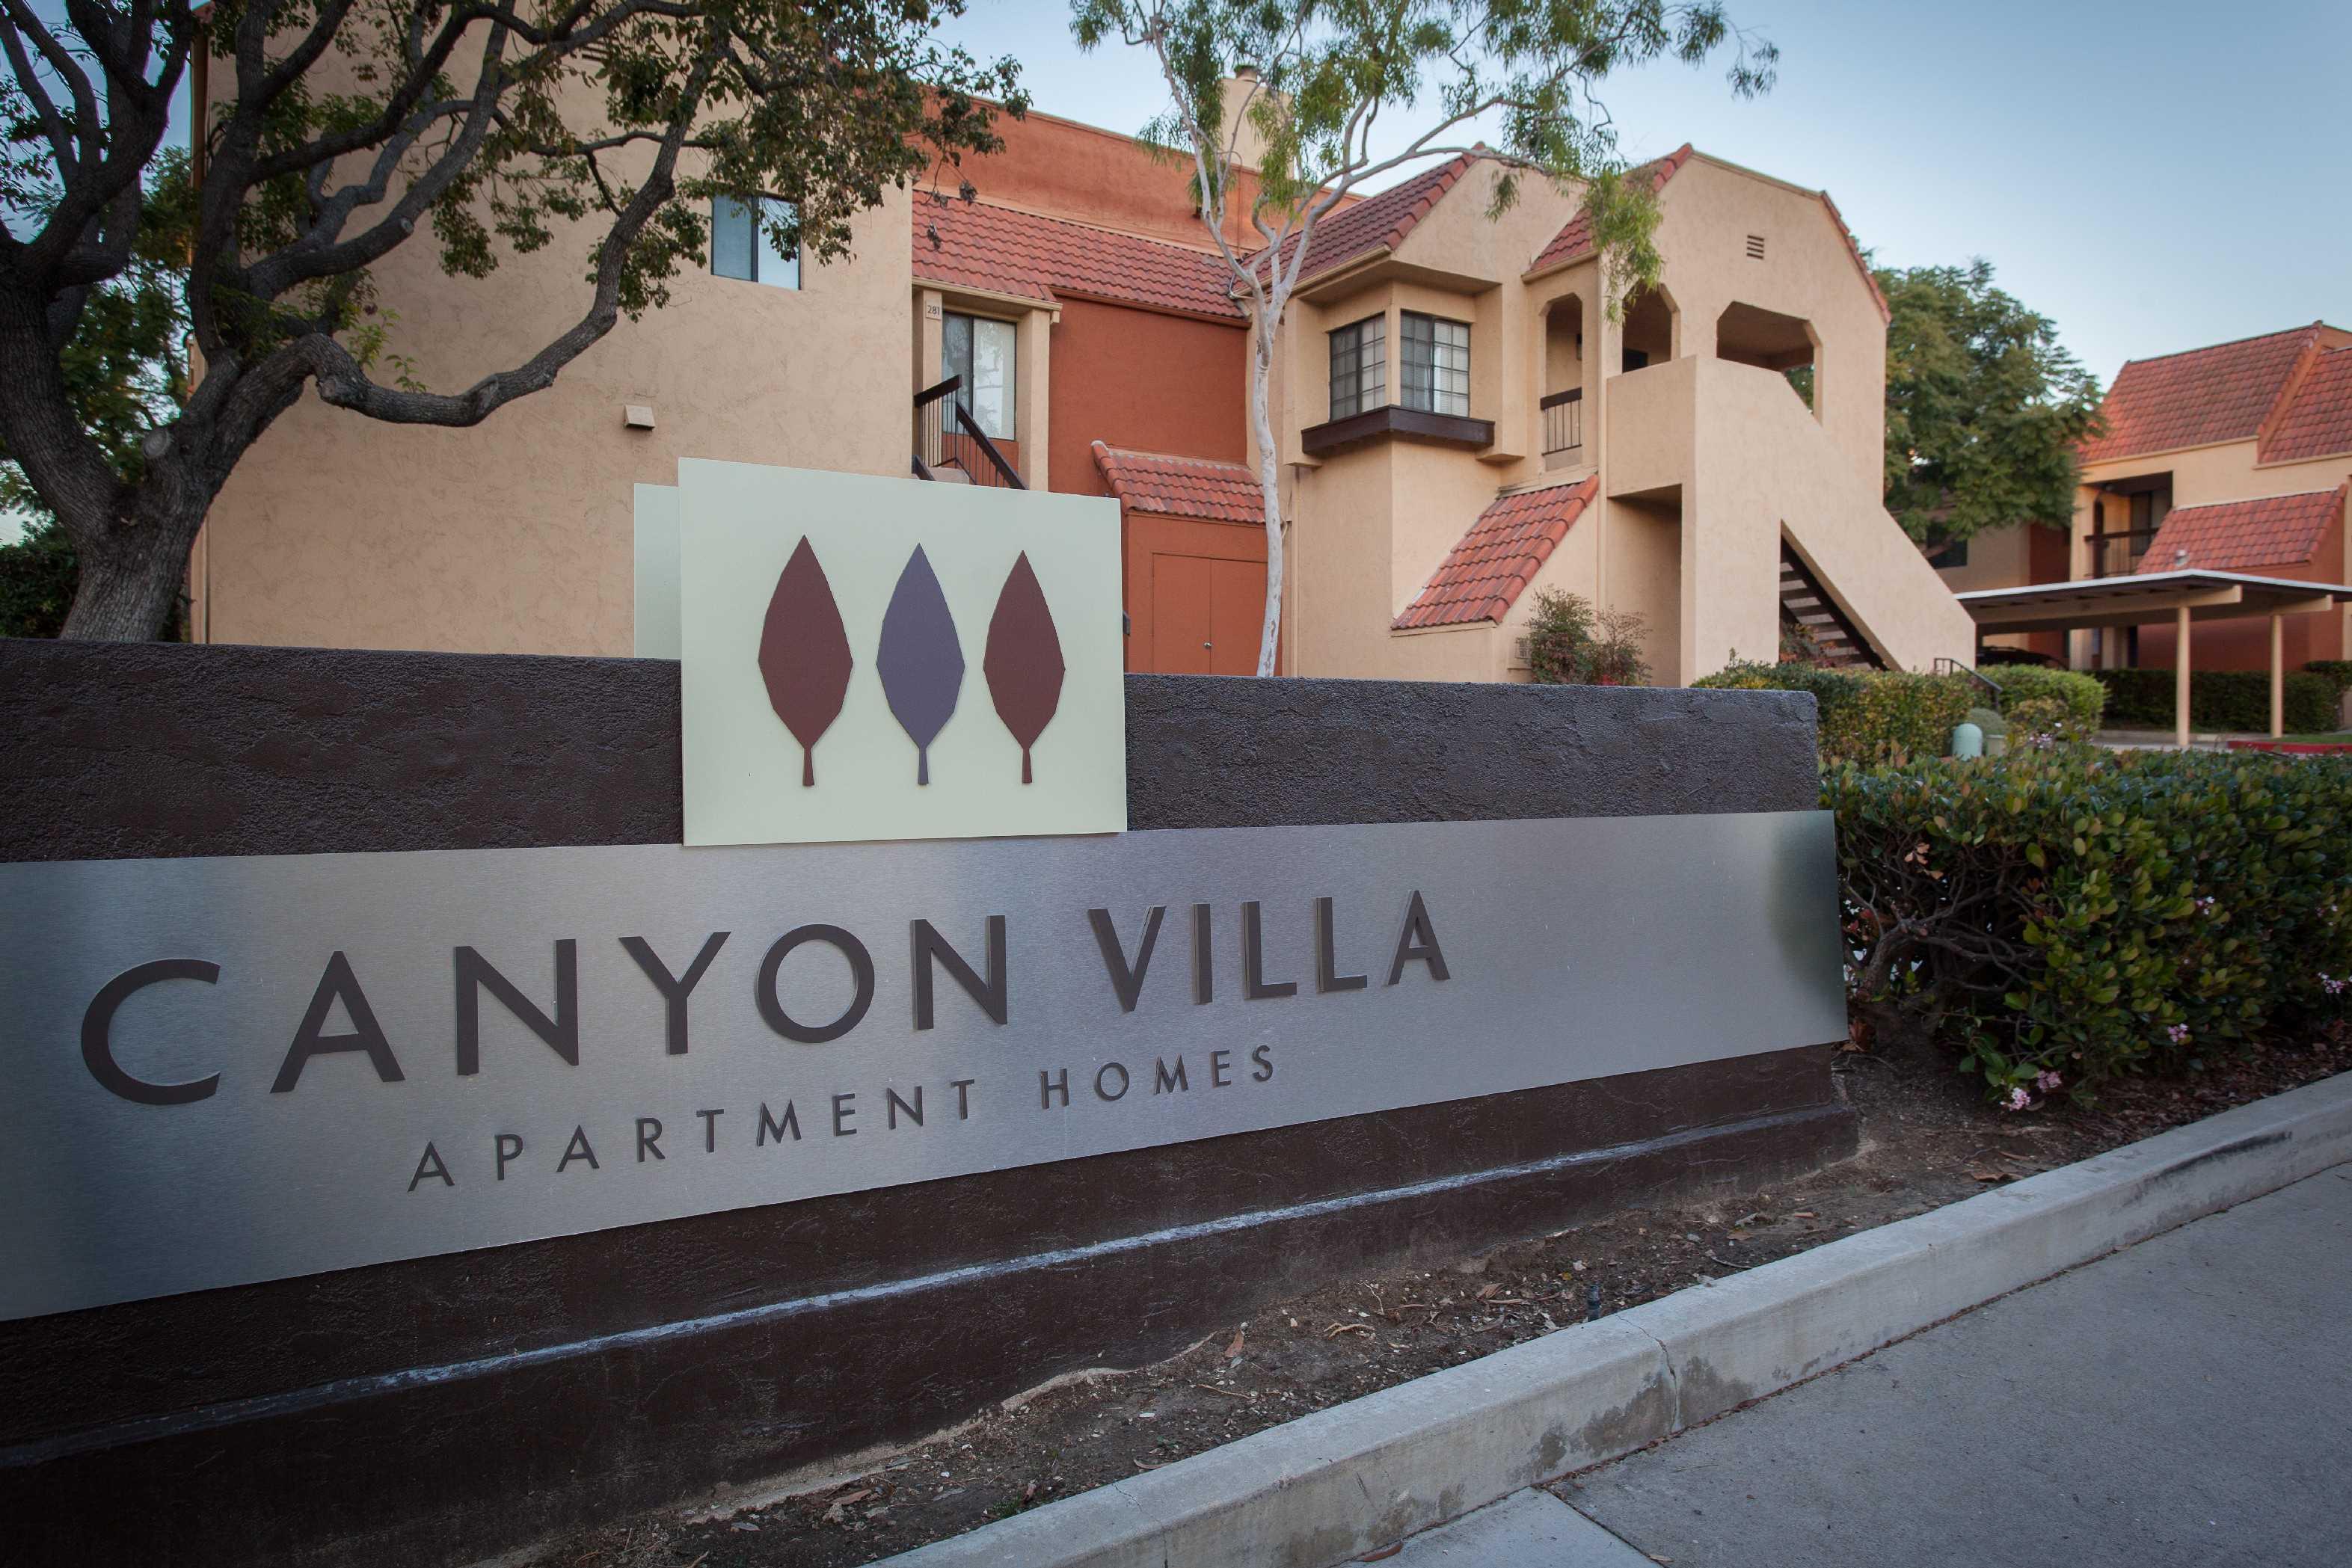 Canyon Villa image 1